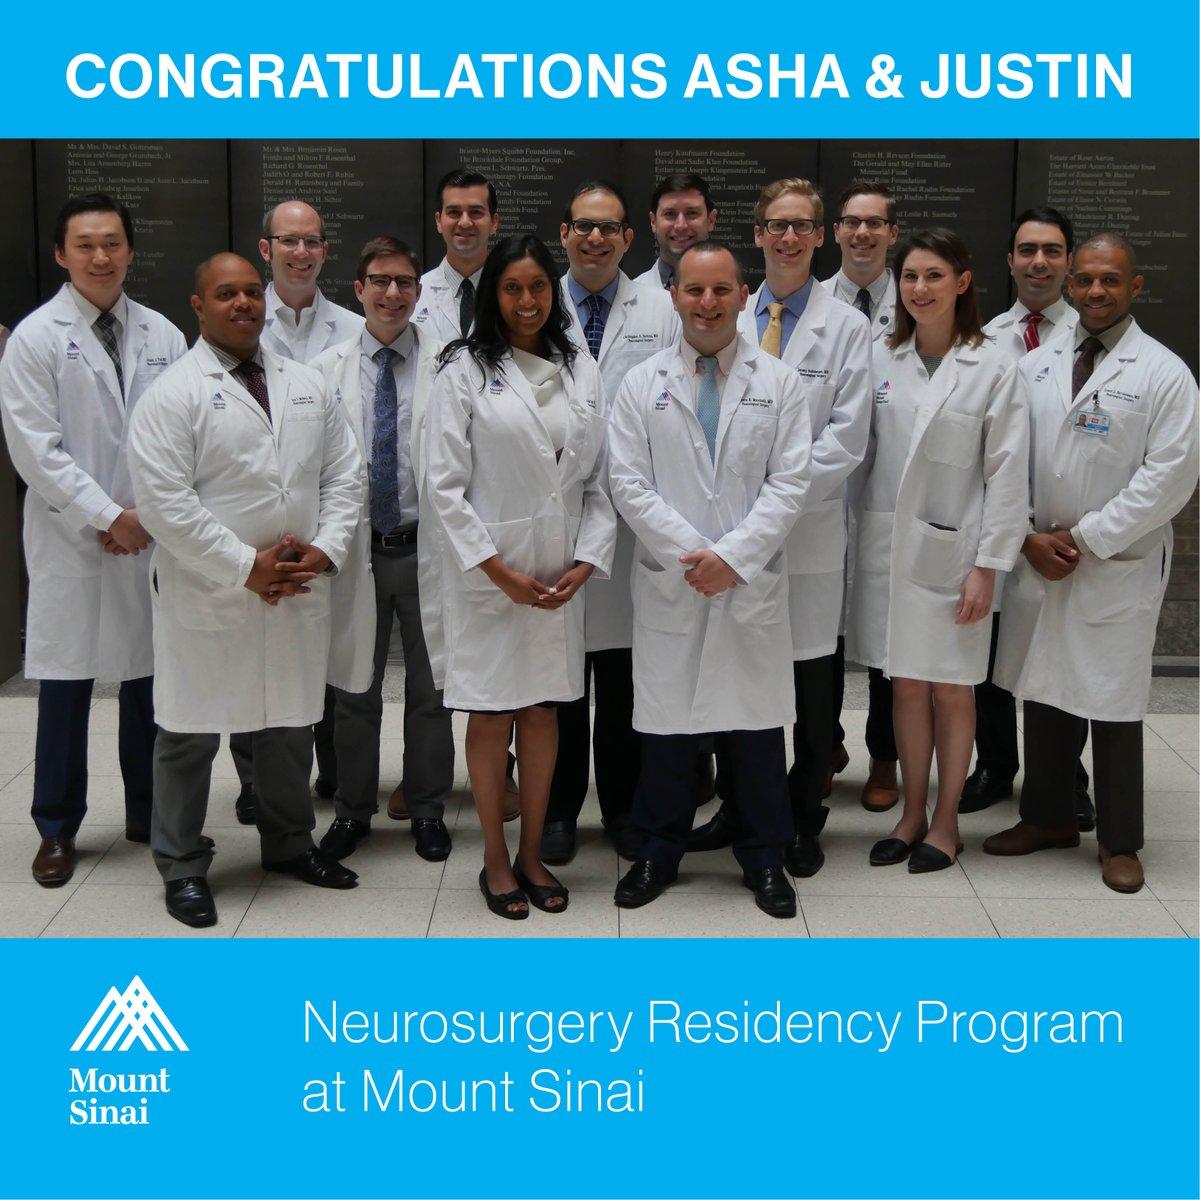 Mount Sinai Neurosurgery on Twitter: